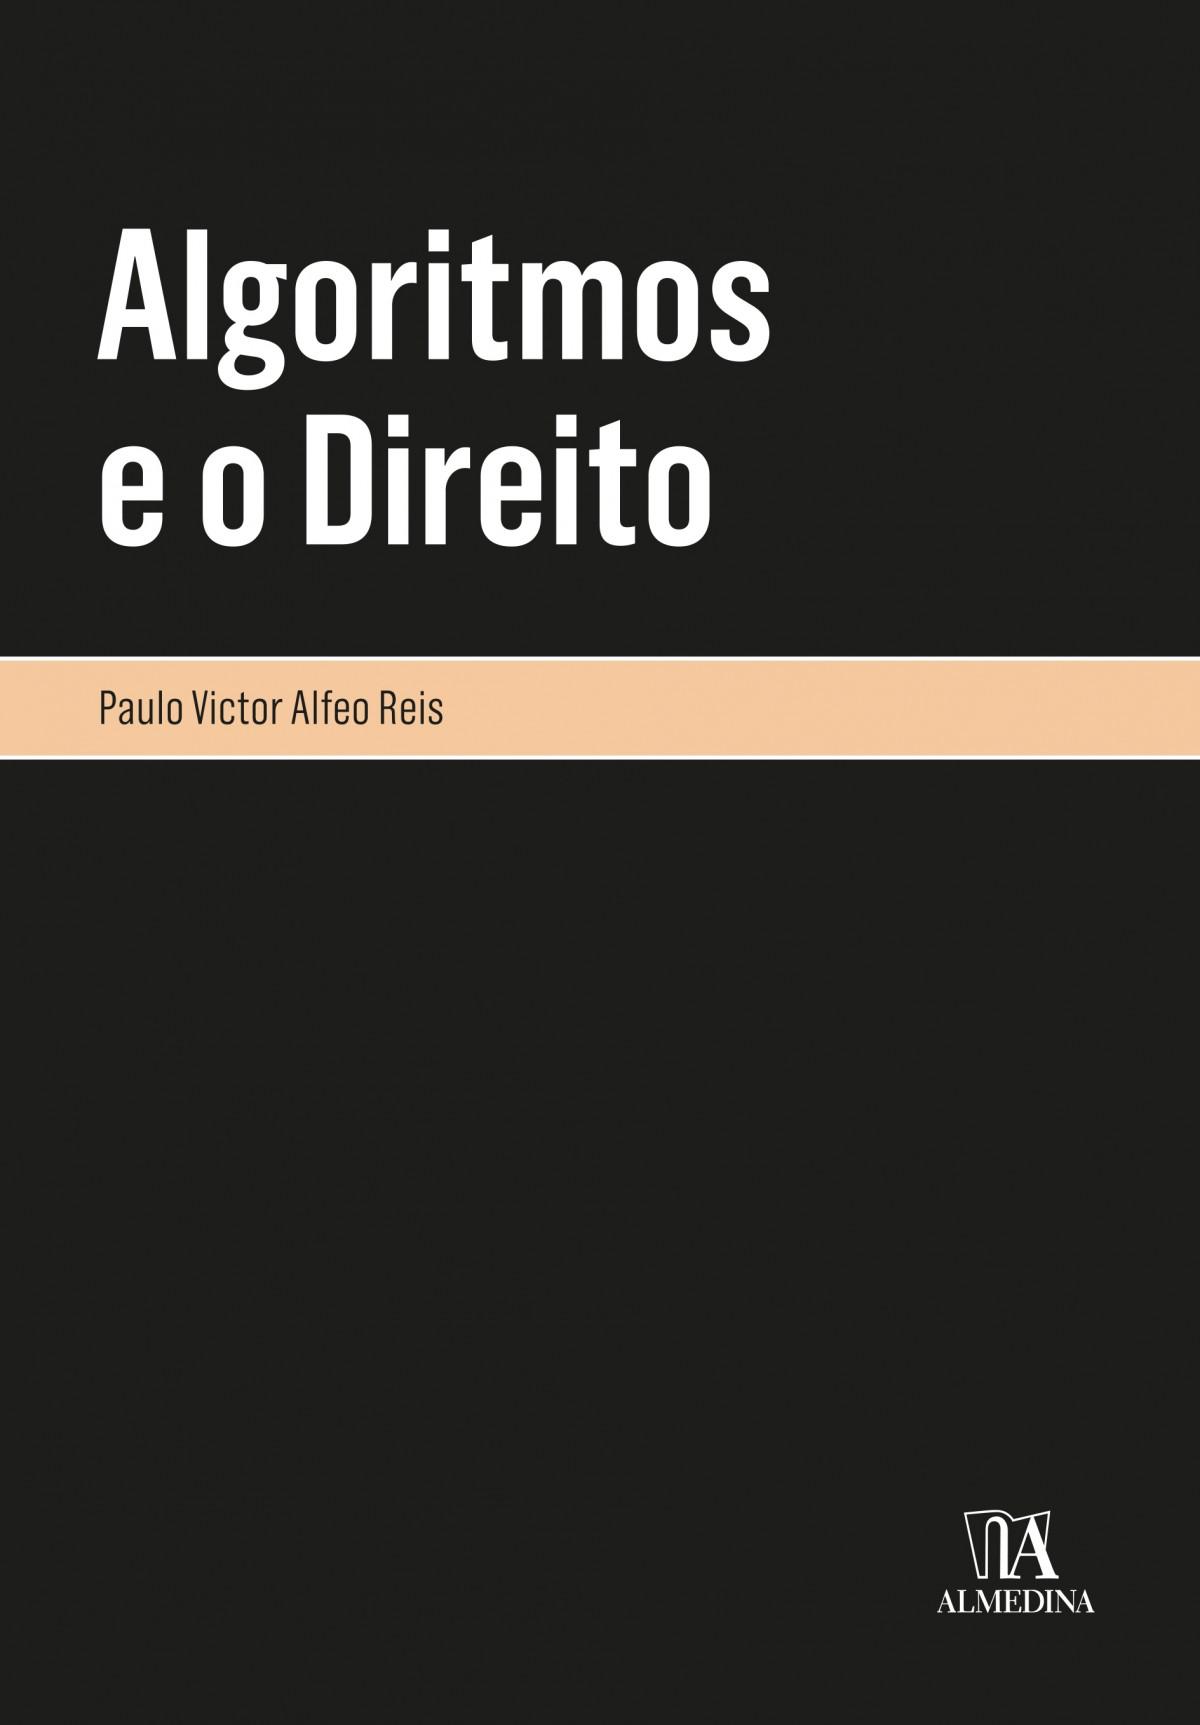 Foto 1 - Algoritmos e o Direito